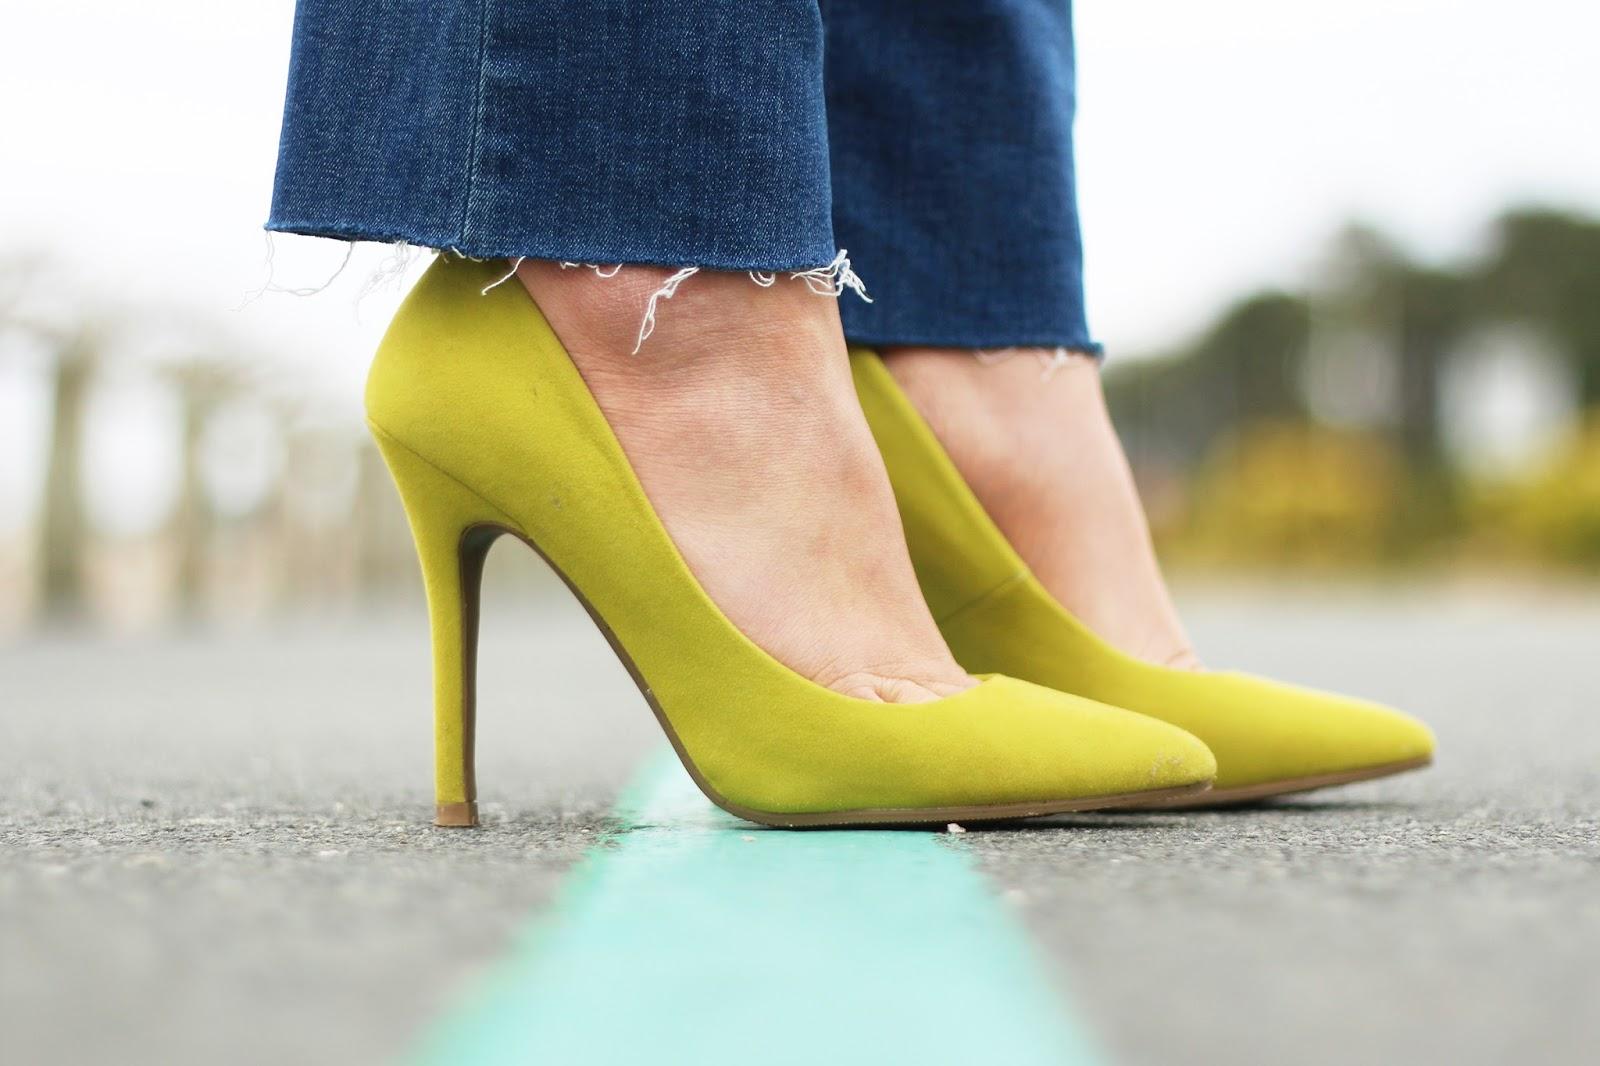 Escarpins jaunes + jean déchiré